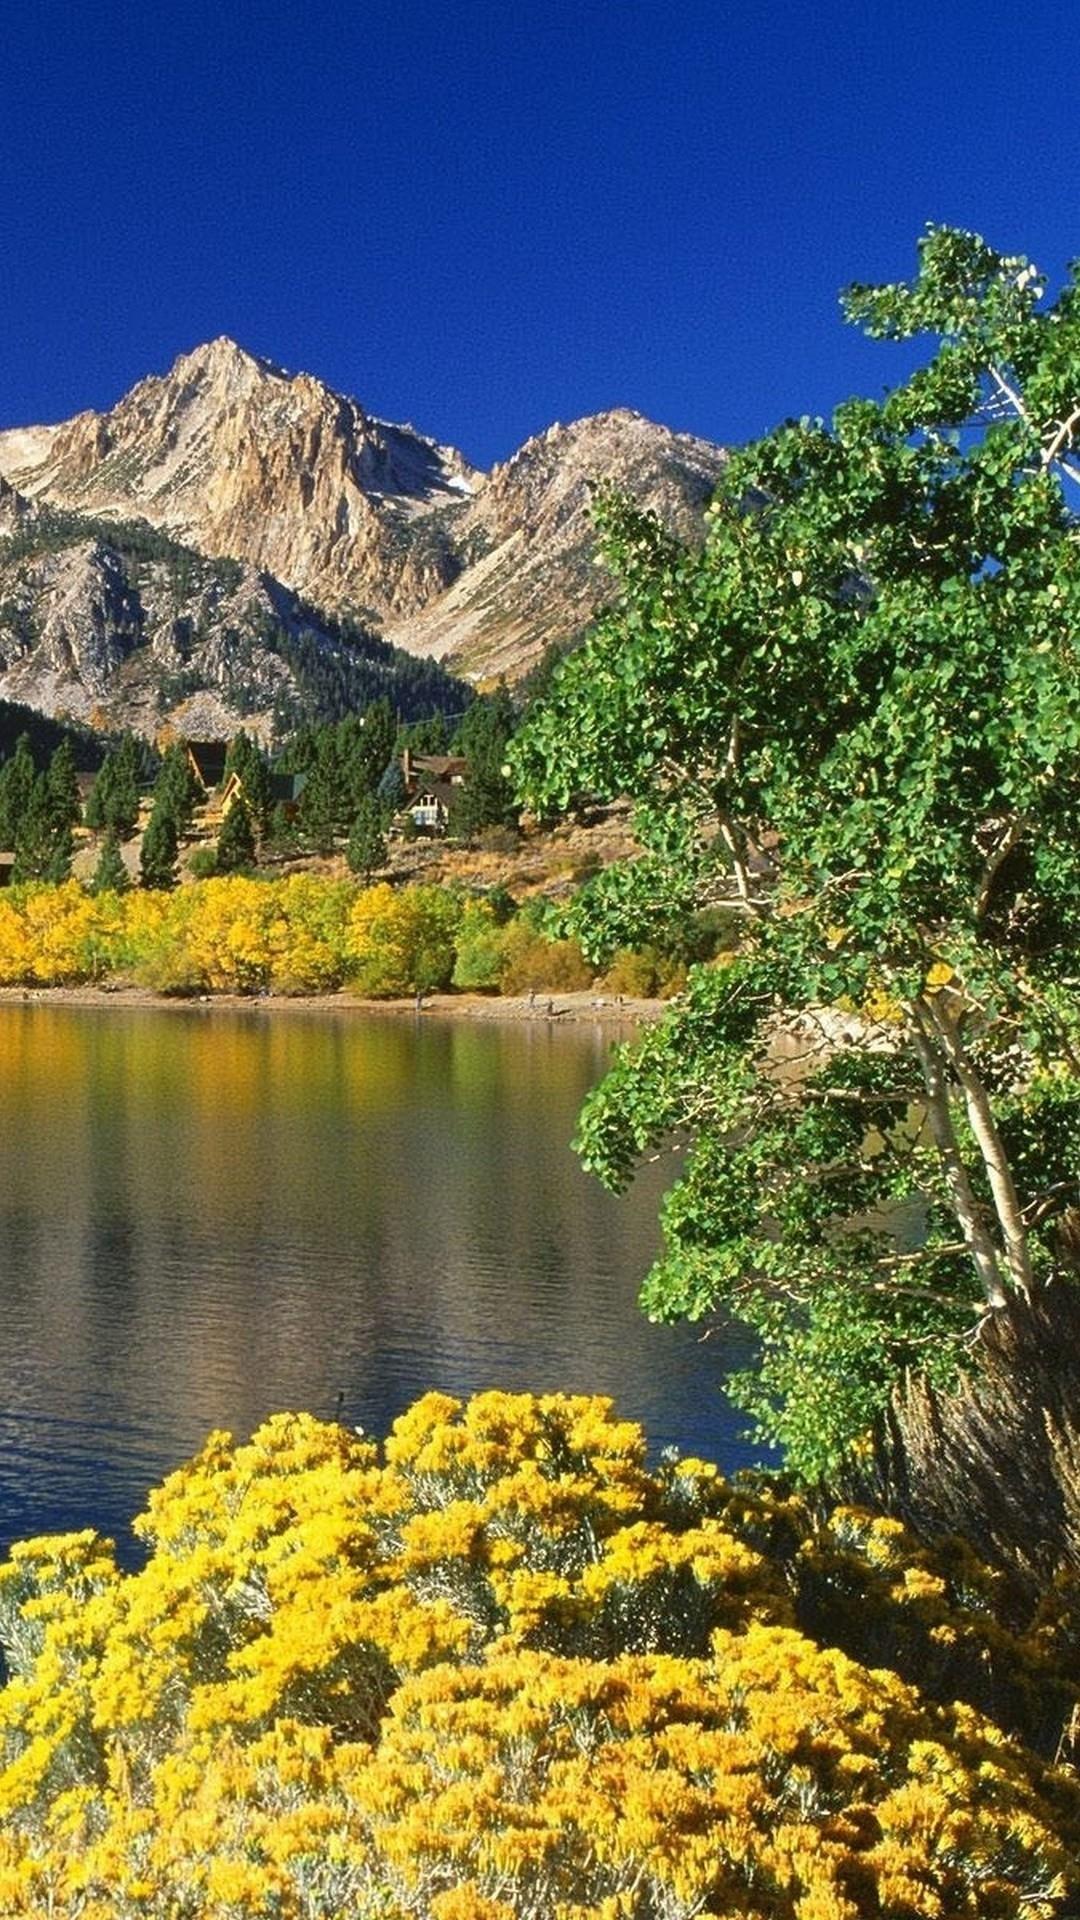 Mountain lake in spring Wallpaper